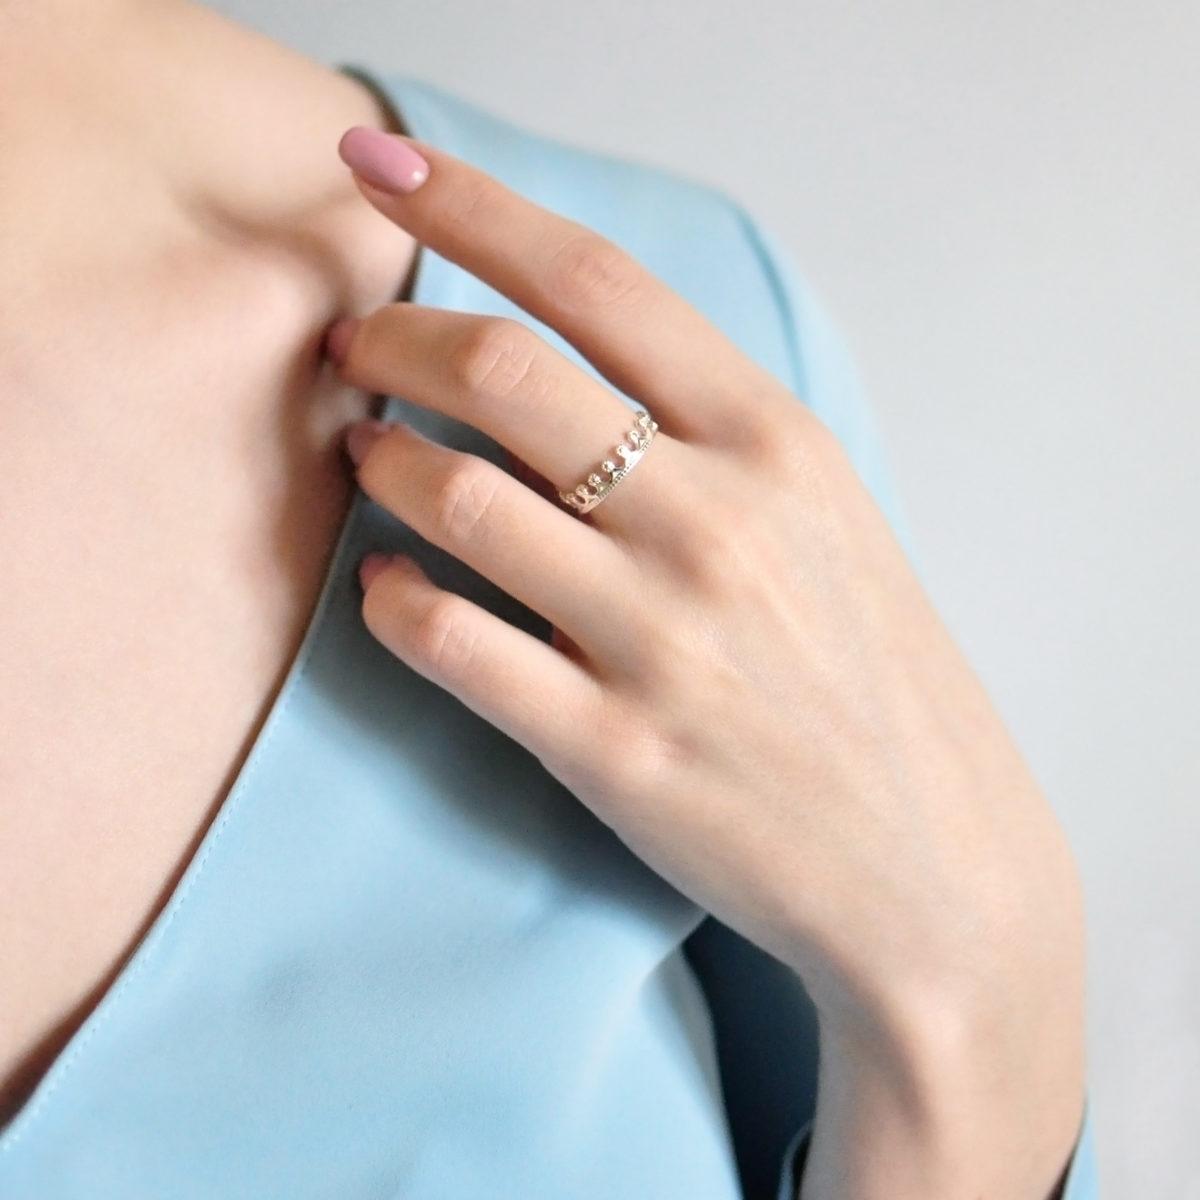 Serebro belaya 1200x1200 - Кольцо из серебра «Принцесса на горошине», белое с фианитами